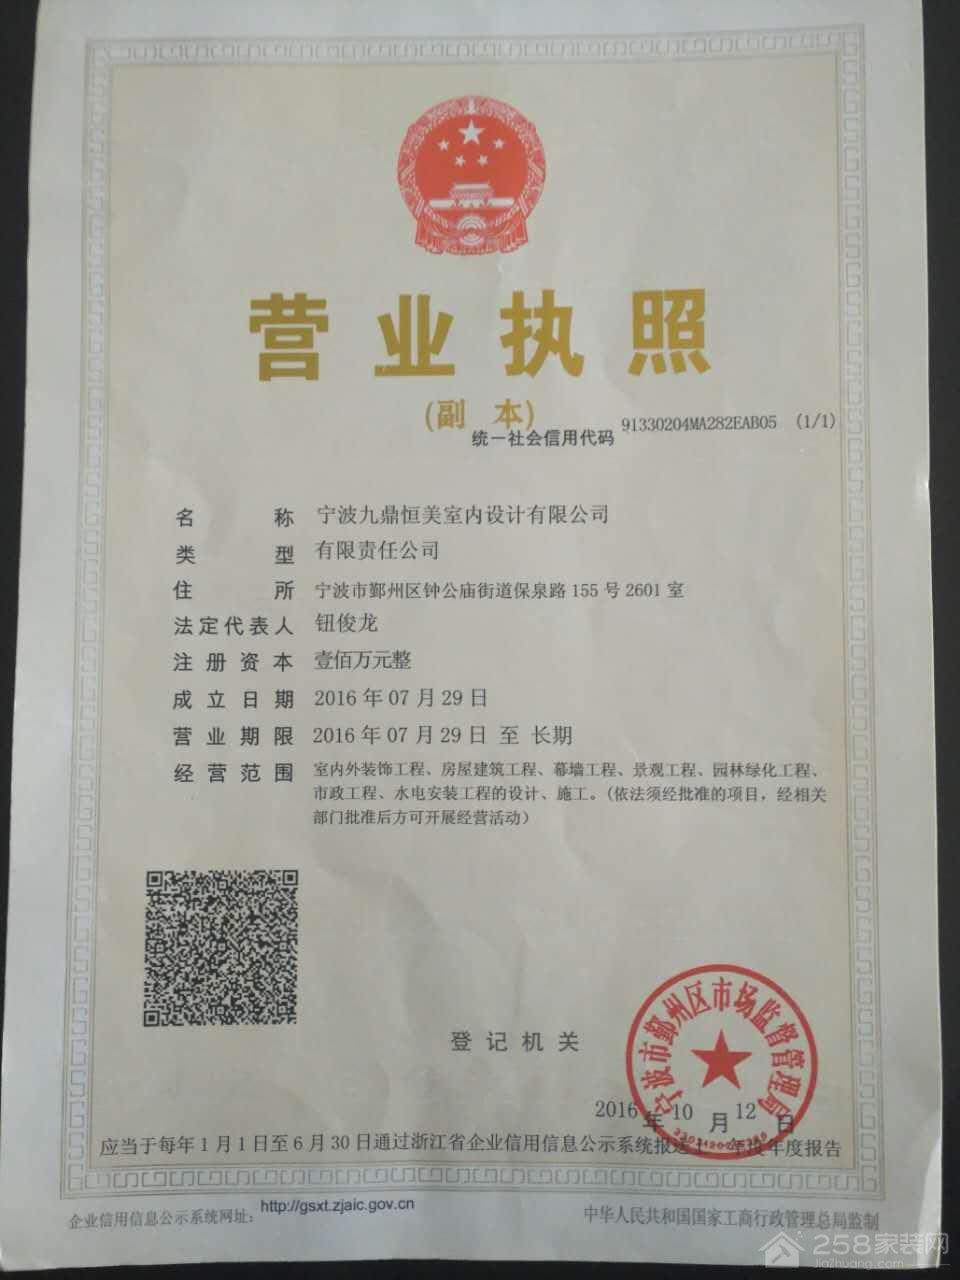 宁波九鼎恒美室内设计有限公司